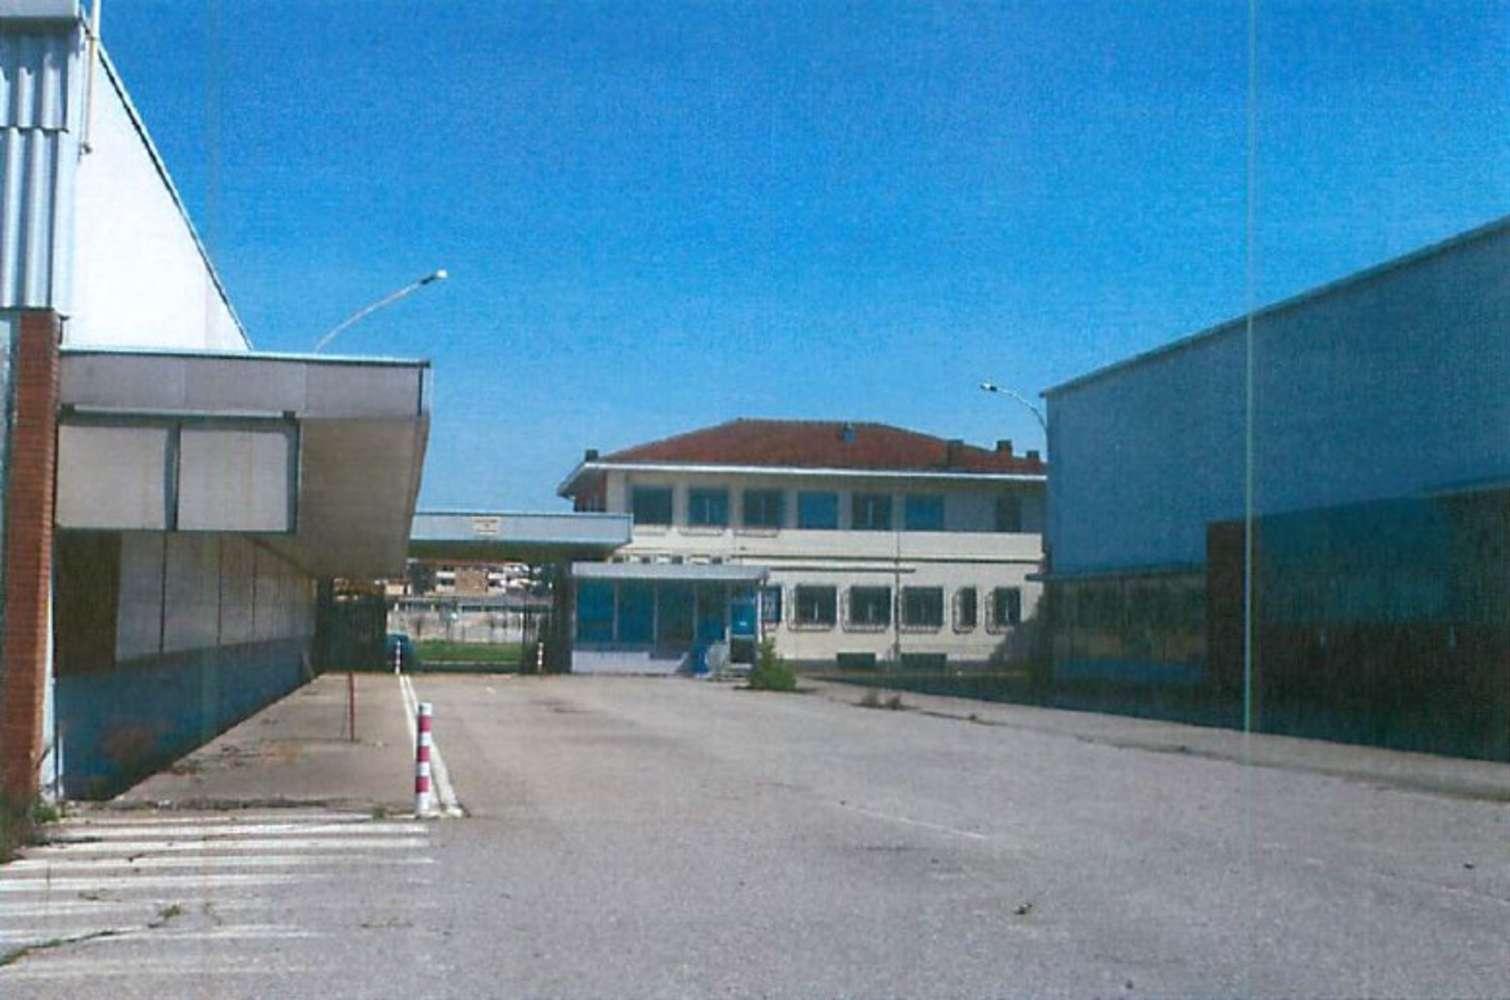 Magazzini industriali e logistici Casale monferrato, 15033 - Casale Monferrato - Via Caduti sul Lavoro - 9844563